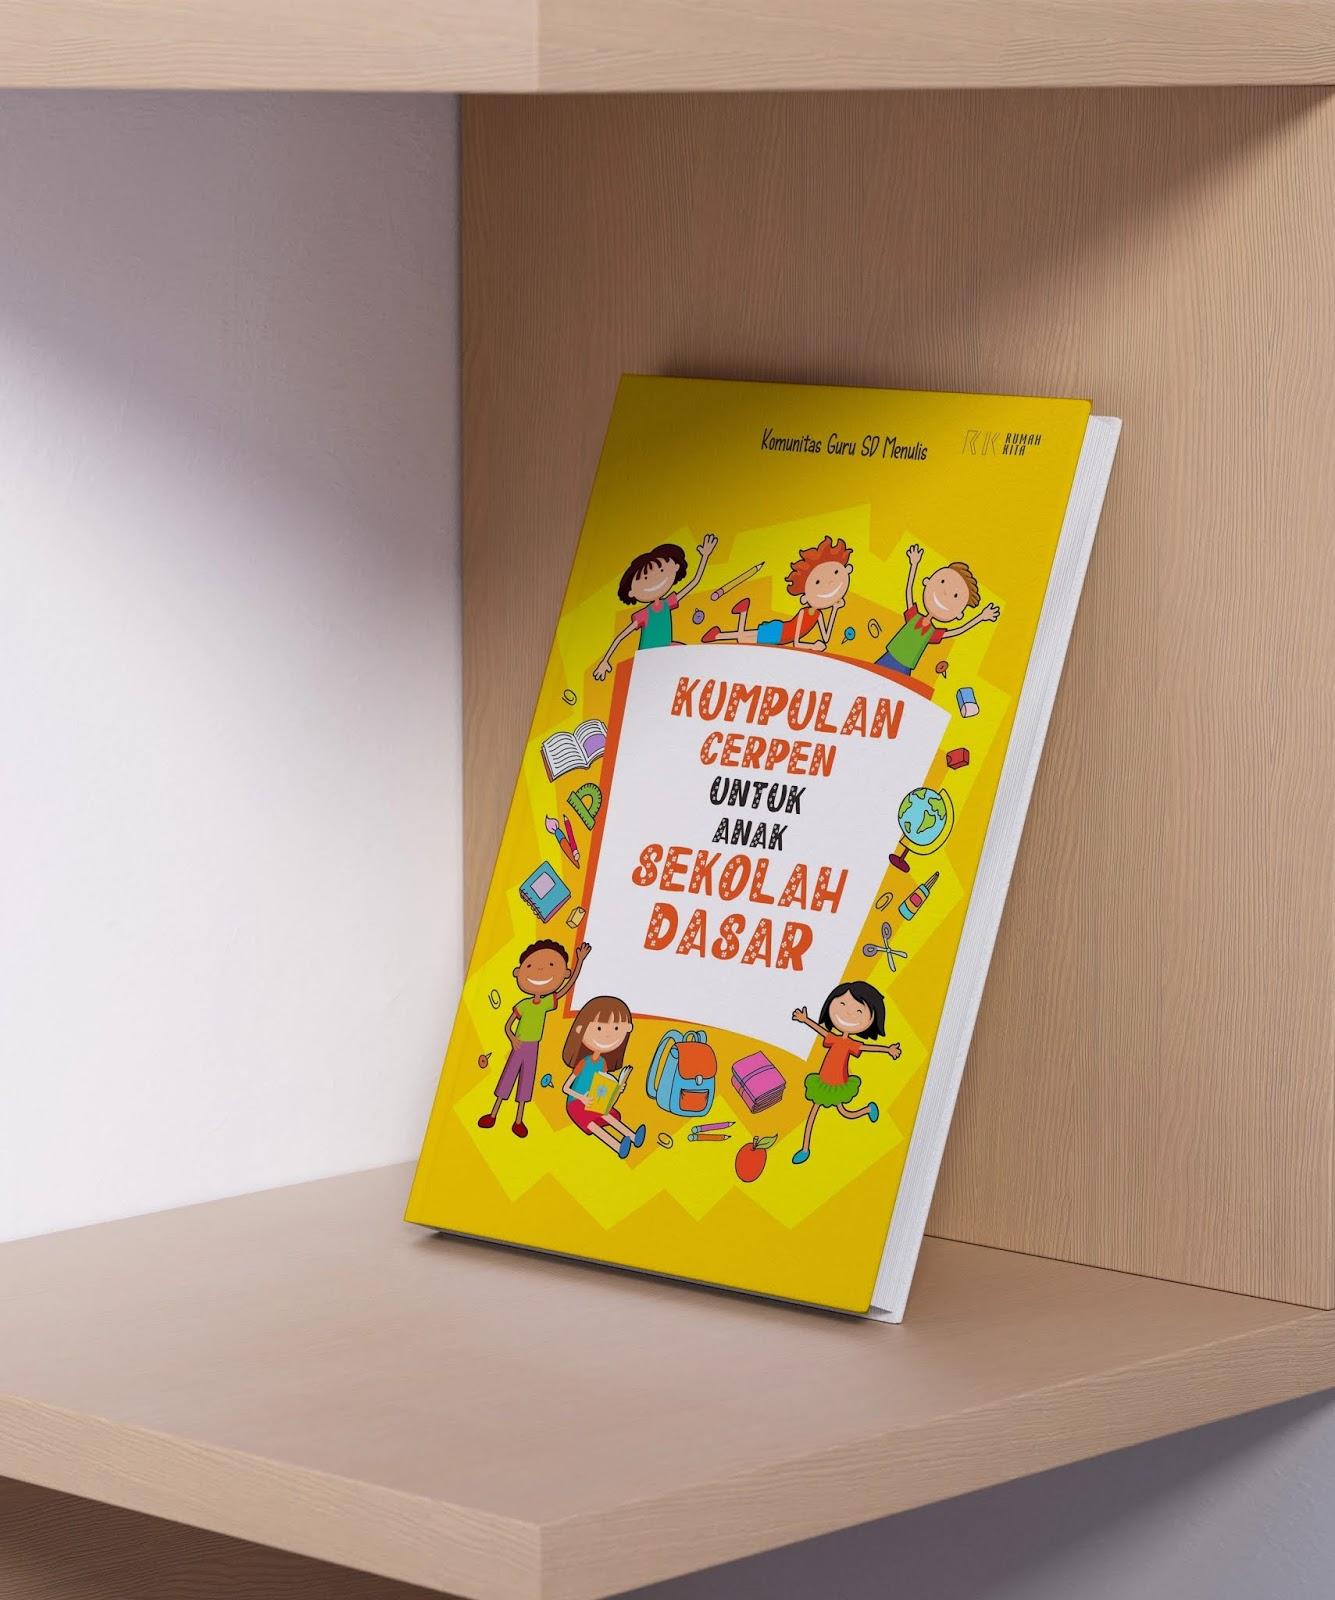 Kumpulan Cerpen untuk Anak Sekolah Dasar